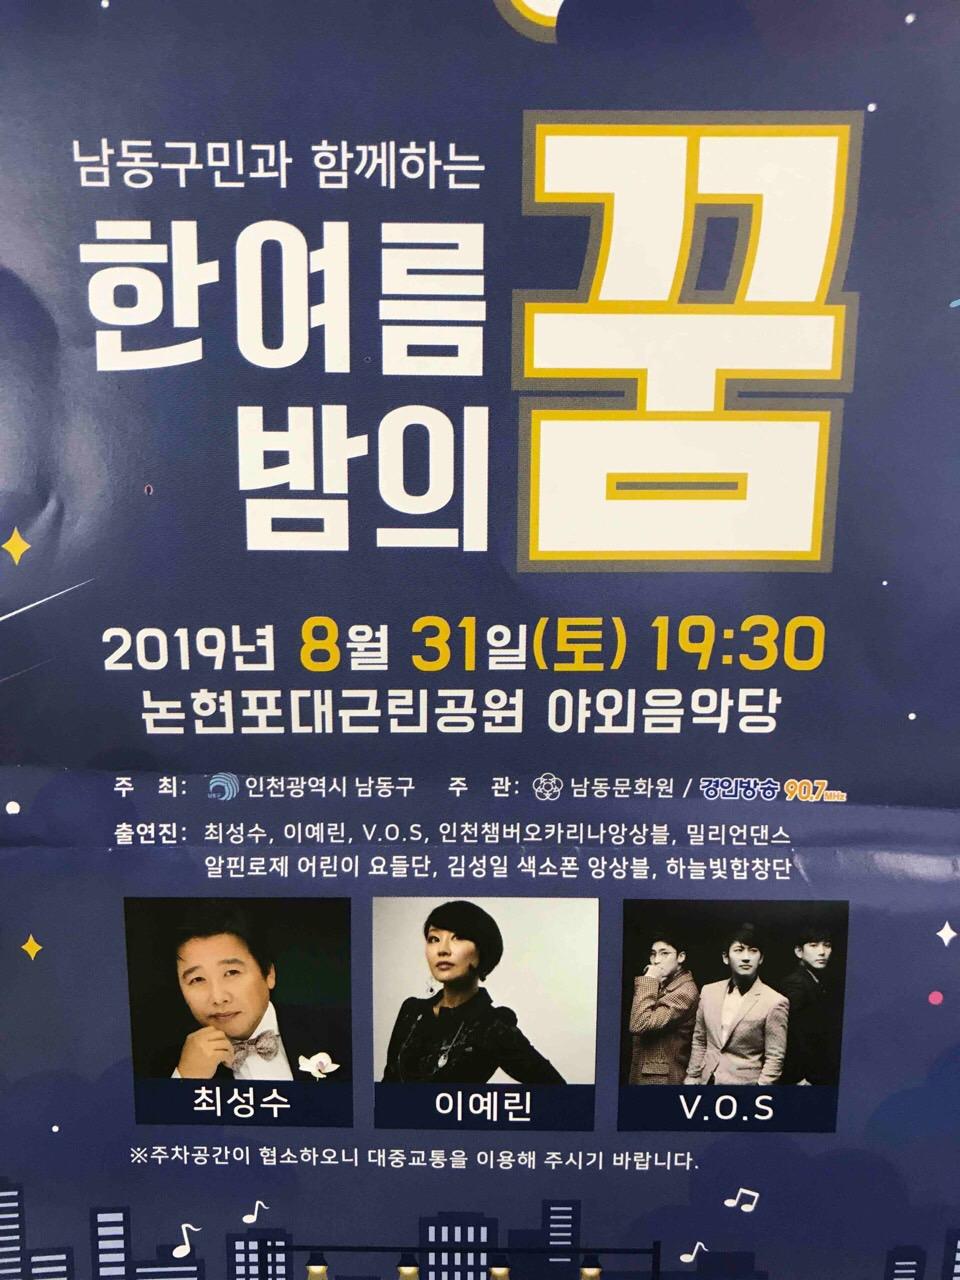 인천논현동 축제